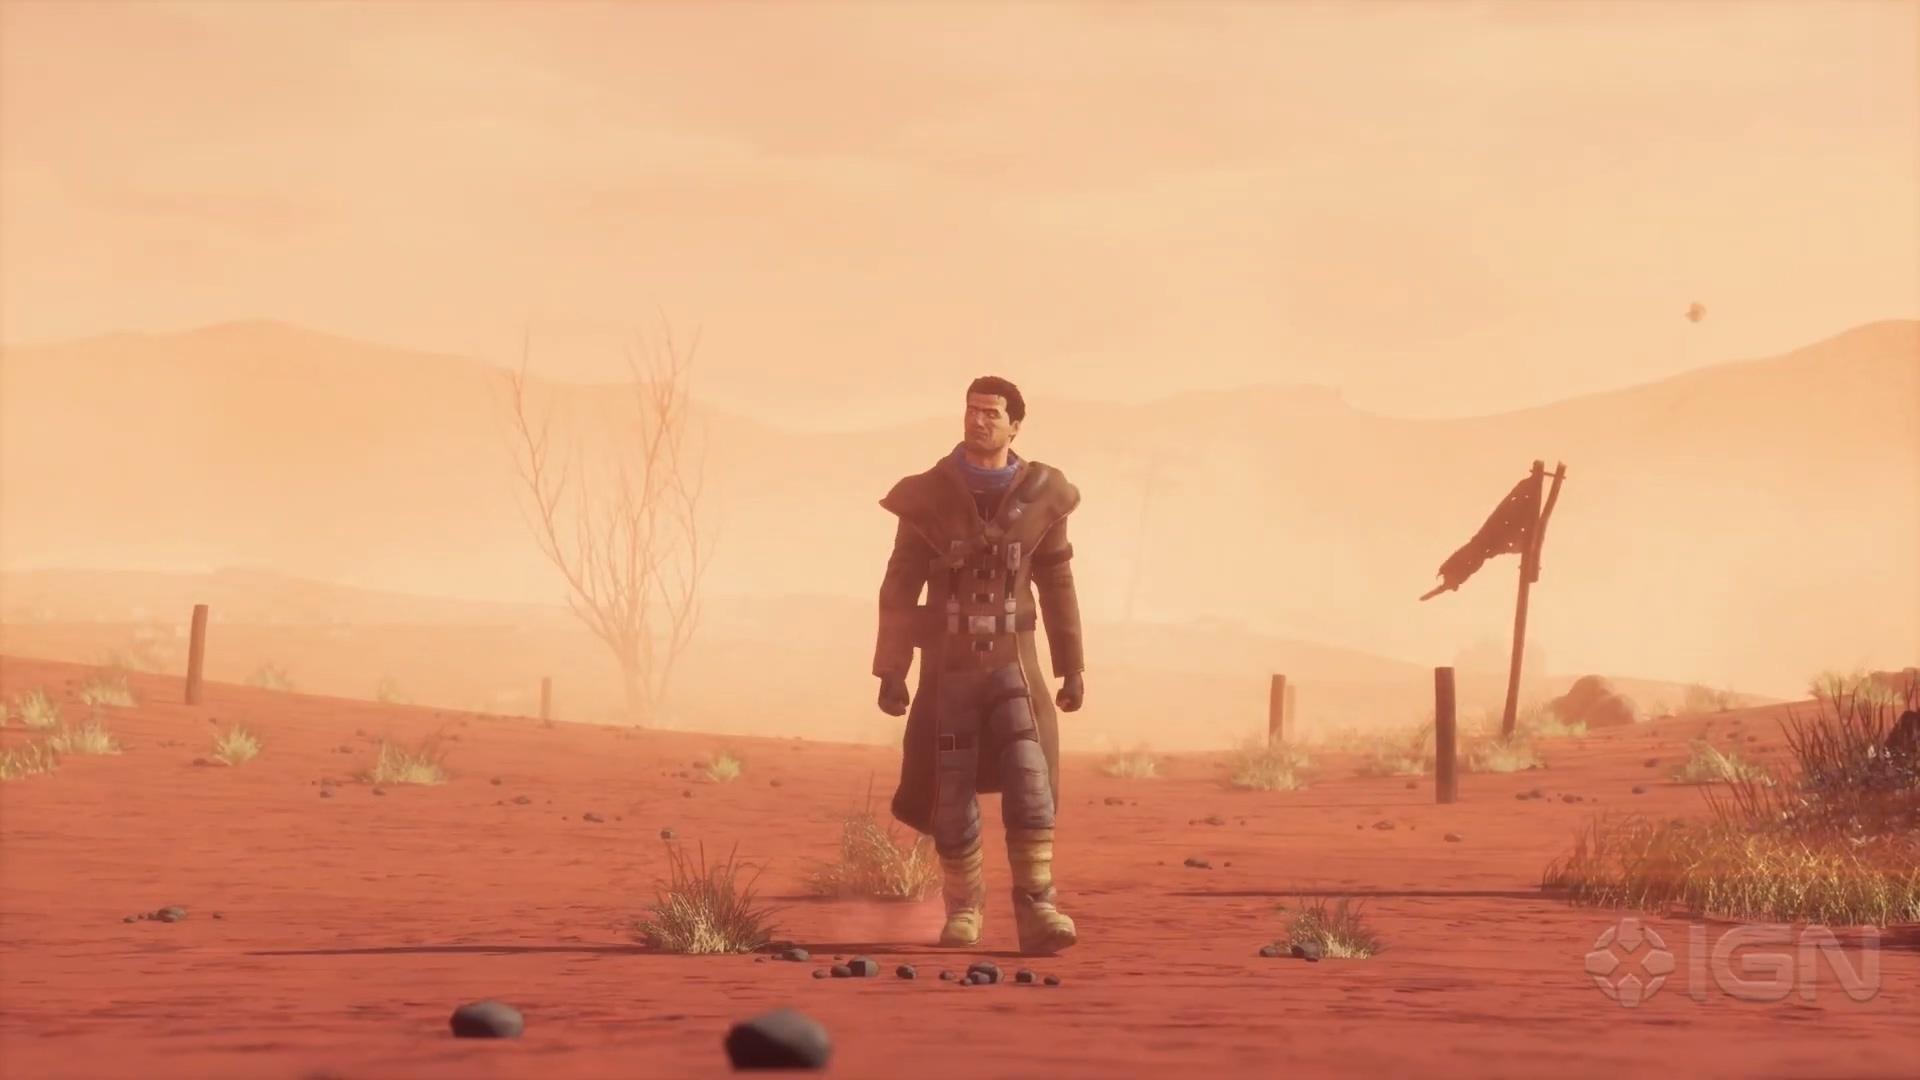 《超越钢铁苍穹》剧情预告发布 2020年登录PC和主机